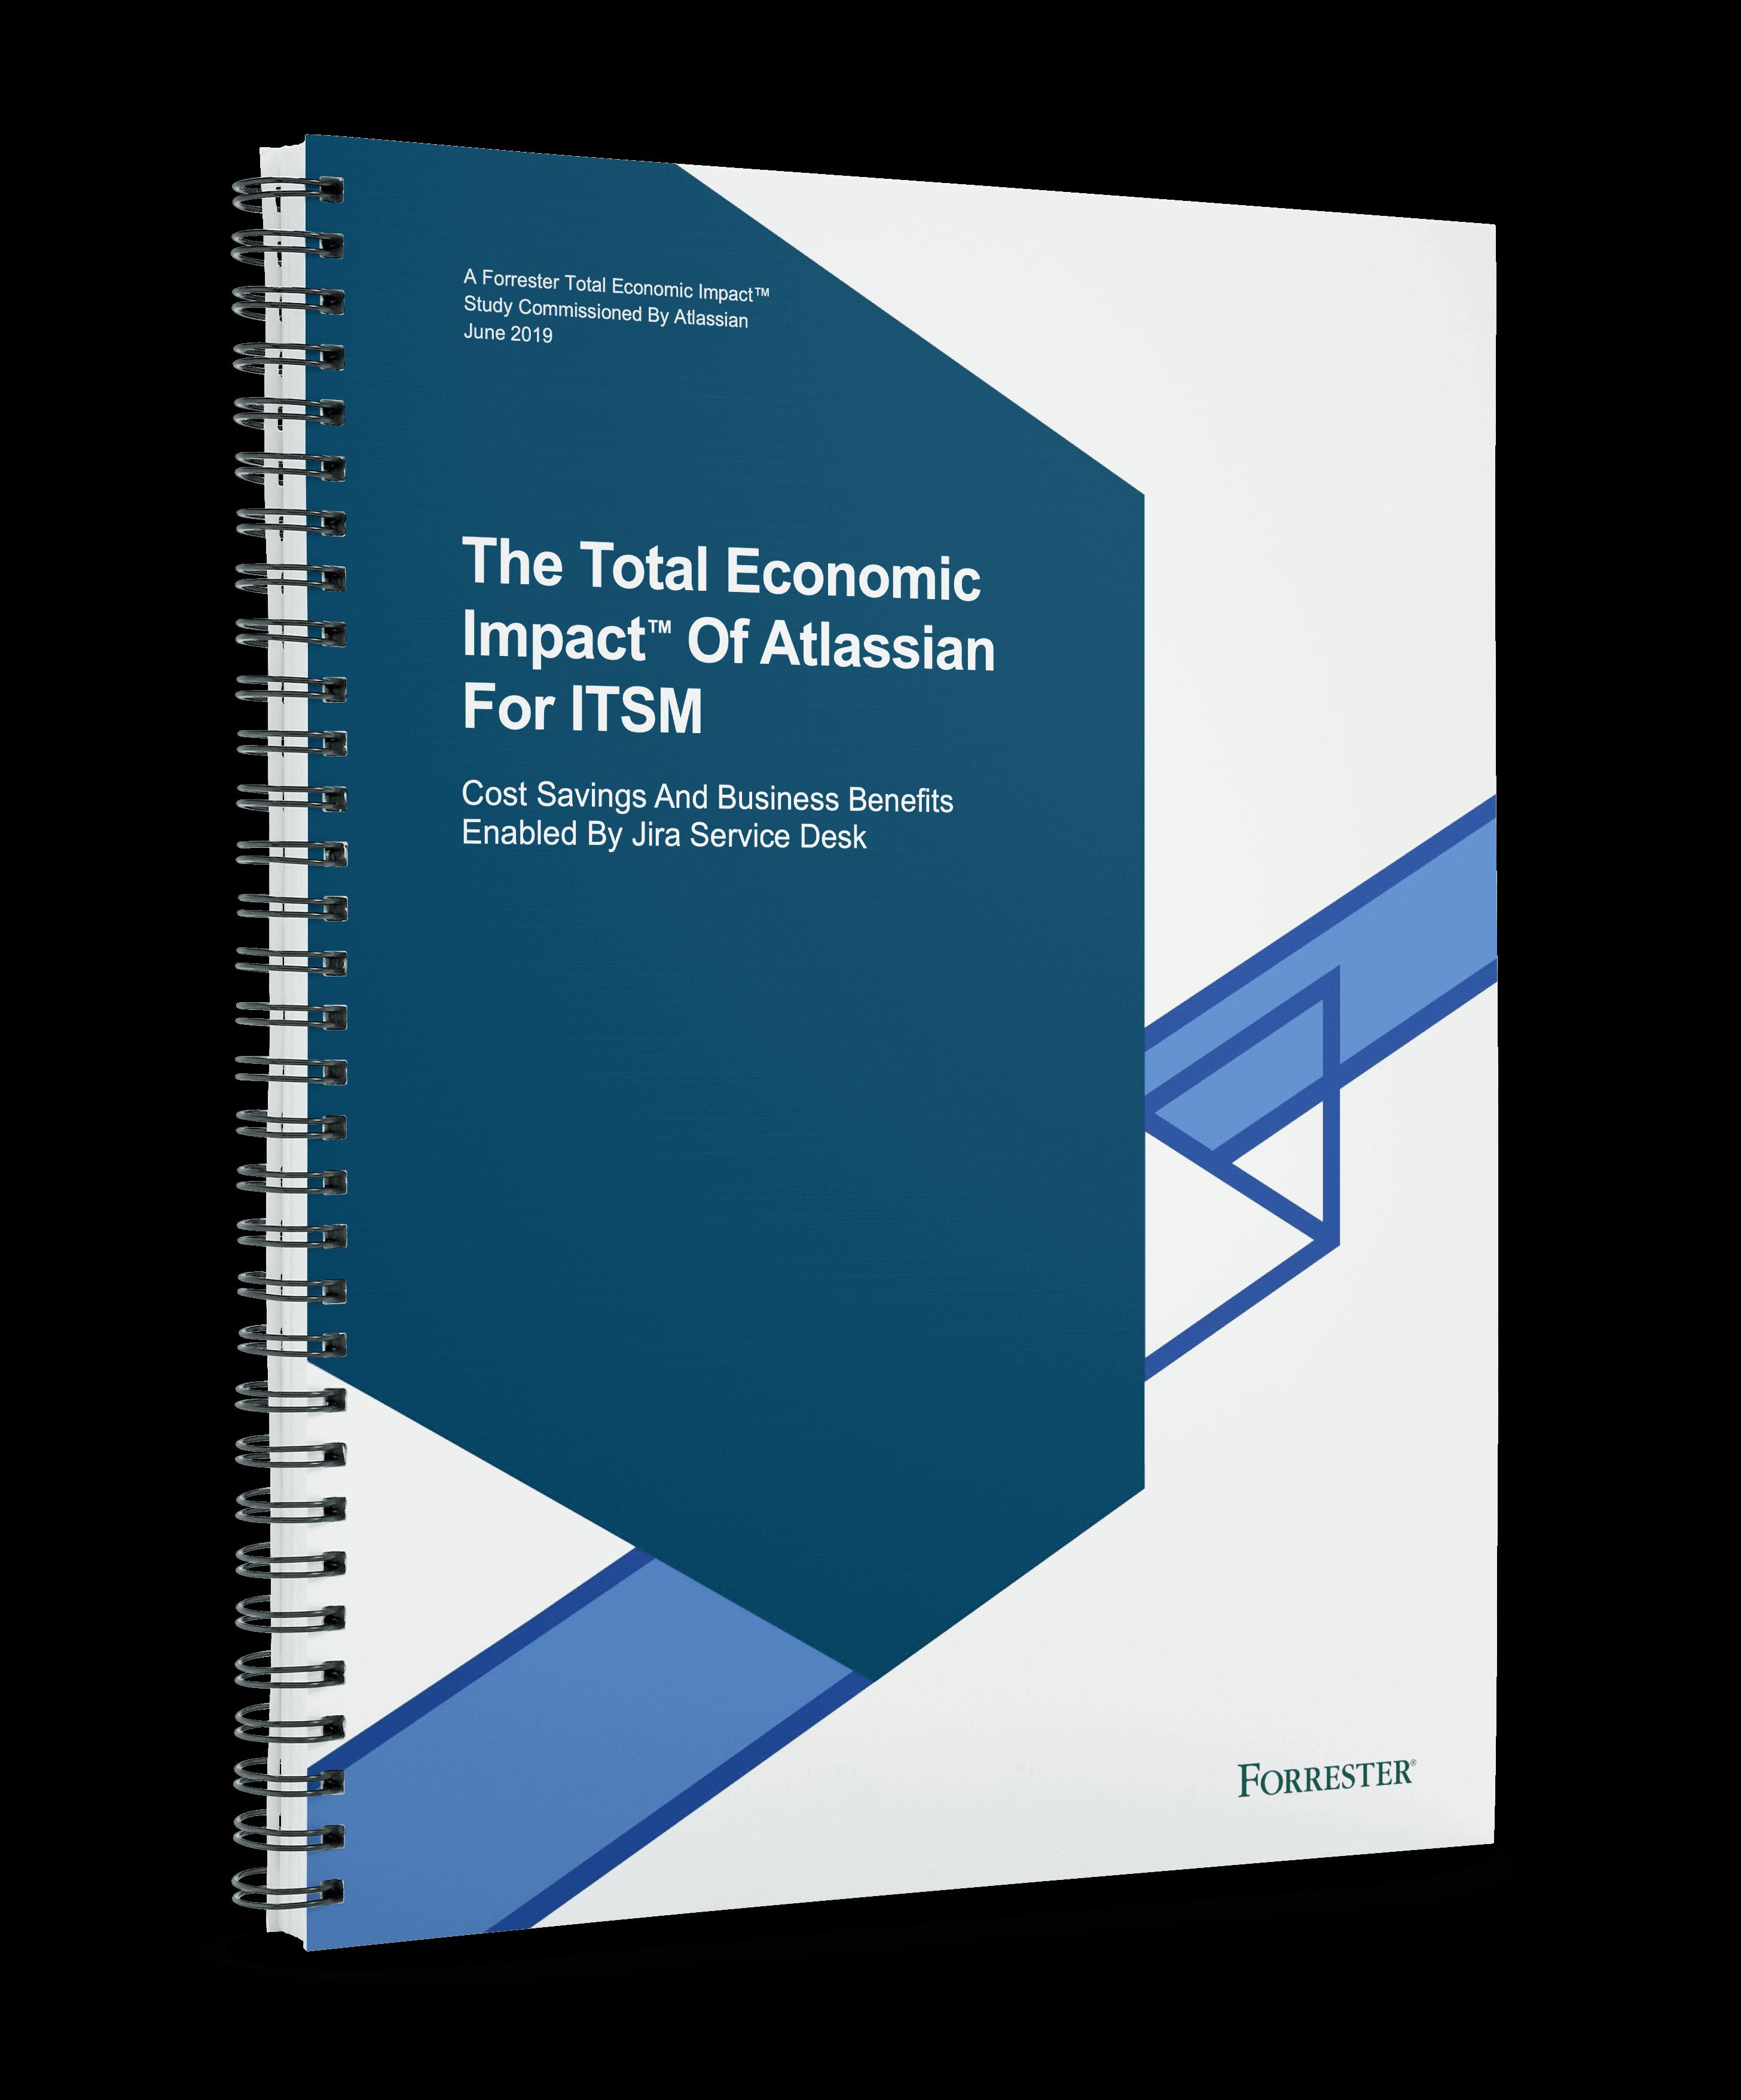 Étude Total Economic Impact™ de Forrester sur les solutionsITSM d'Atlassian